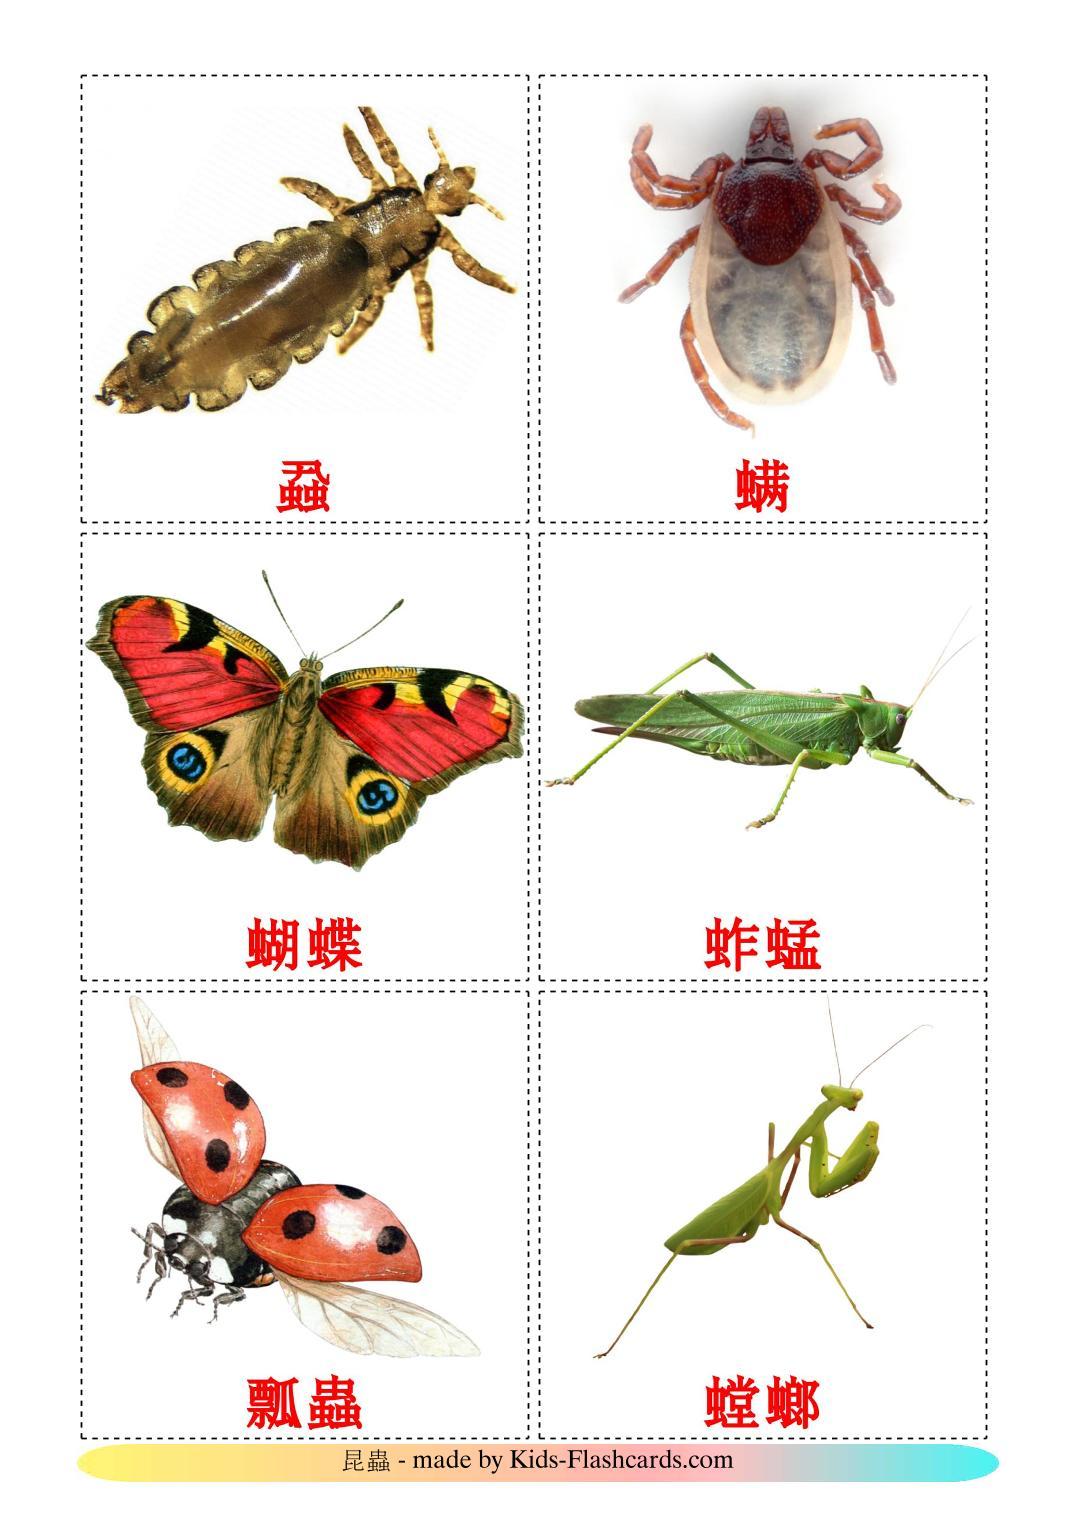 Насекомые - 23 Карточки Домана на китайский(Традиционный)